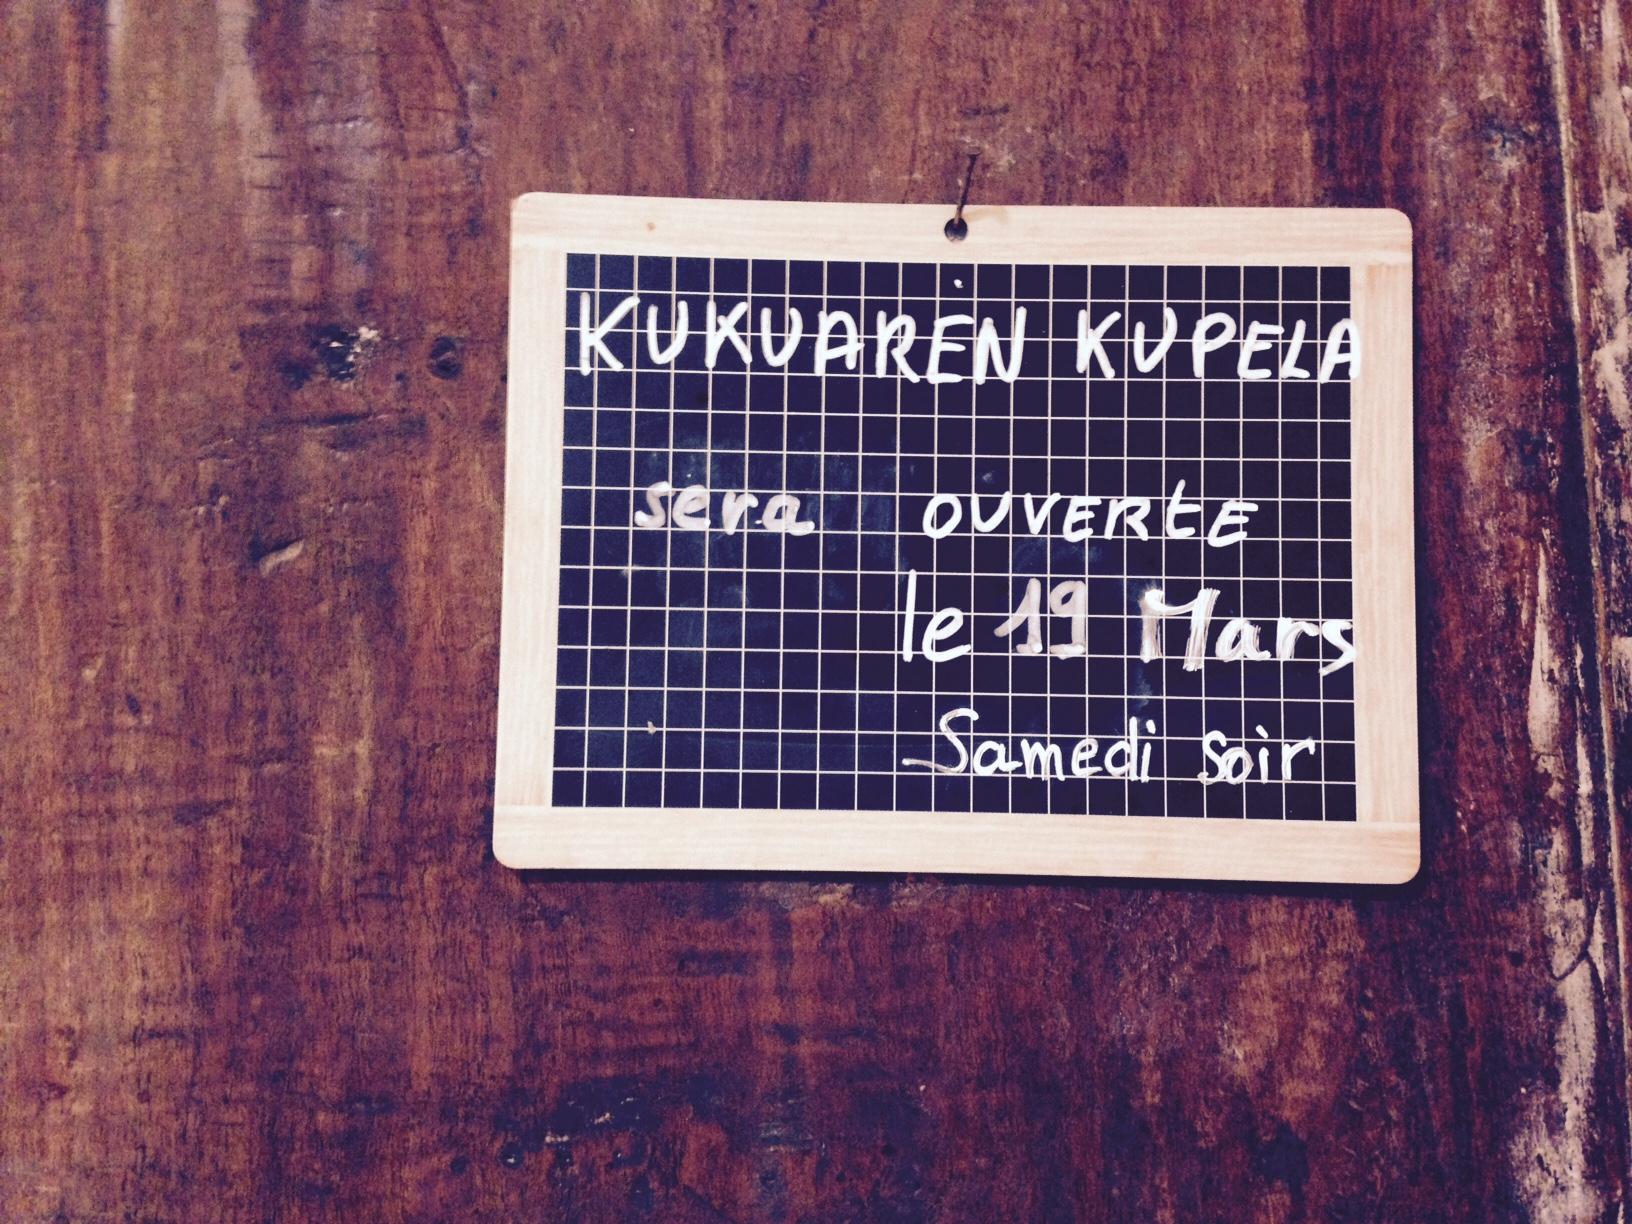 Kukuaren Kupela el sabado 21 de marzo 20:00.